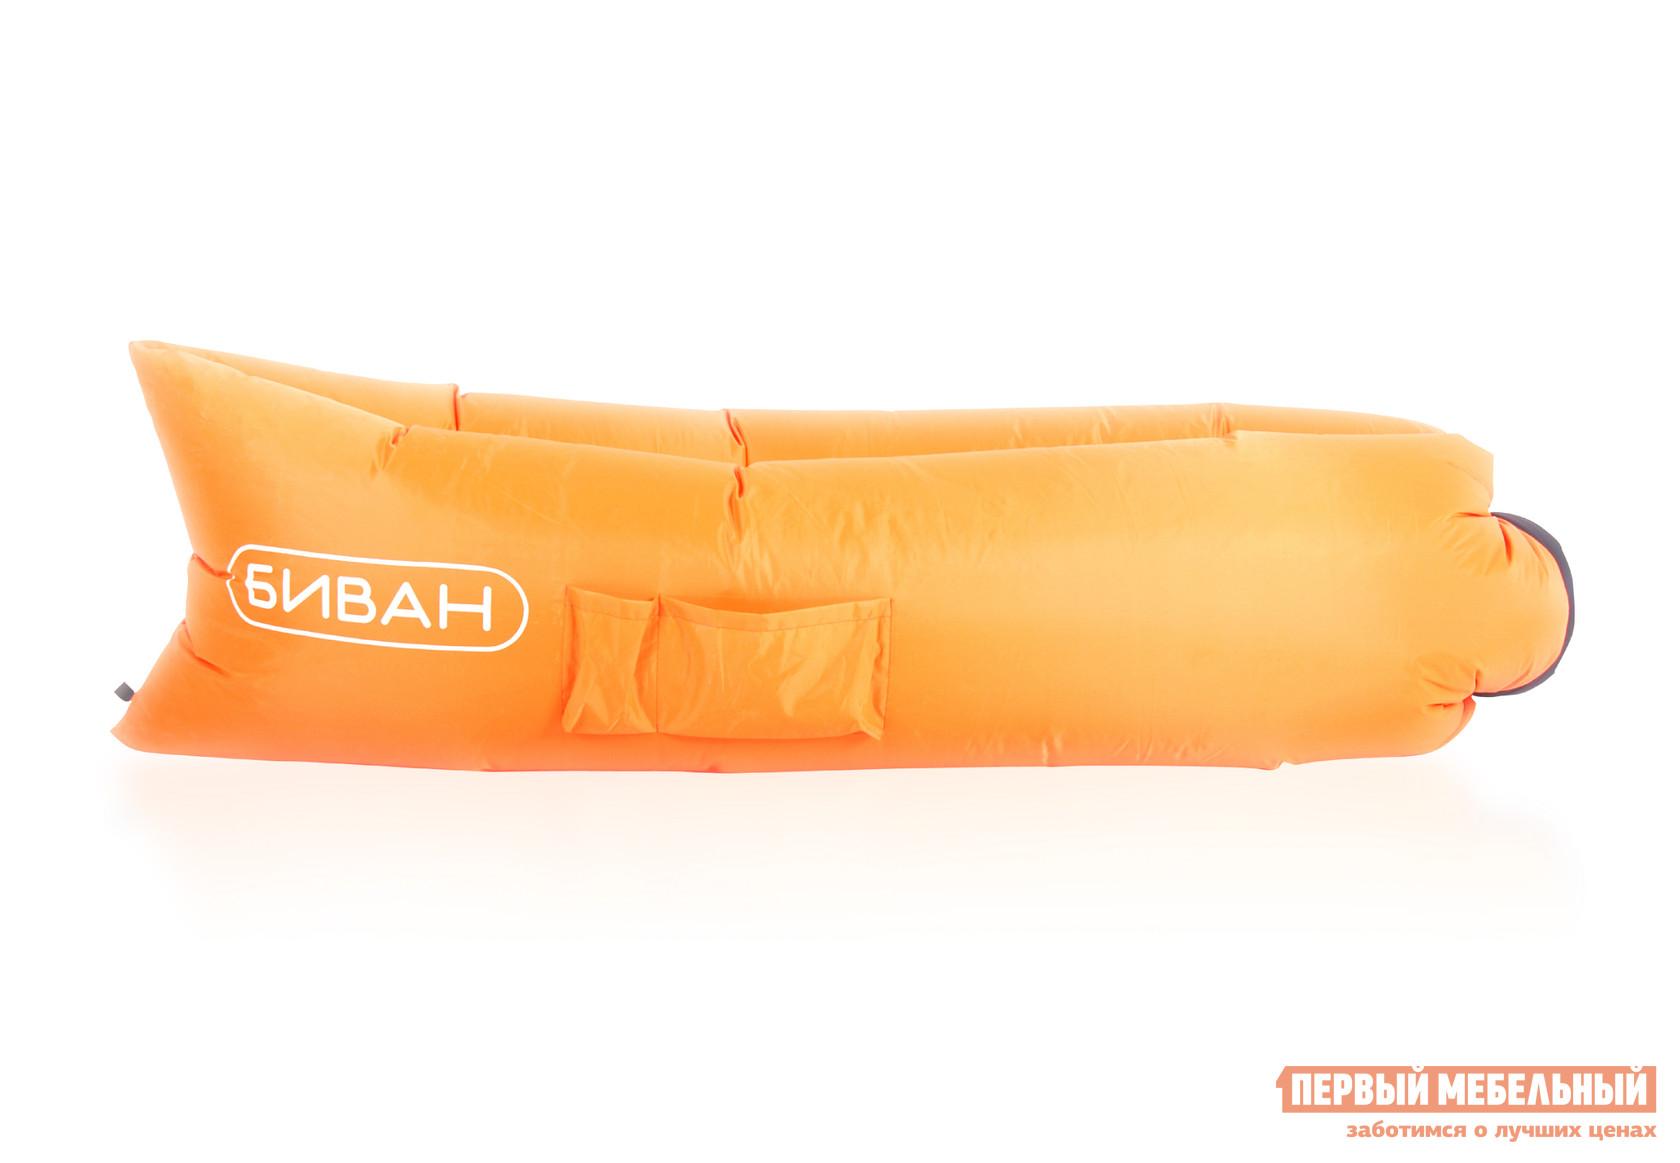 Кресло-мешок Биван Биван ОранжевыйКресла-мешки<br>Габаритные размеры ВхШхГ x2500x700 мм. Лежите там где вам хочется, в любое время, в любом месте! Уникальный надувной диван создан специально для тех, кто одинаково сильно любит путешествовать и отдыхать, валяться, спать.  Это настоящая спасательная шлюпка для уставшего путника. В считанные минуты вы сможете создать местечко для ленивого времяпрепровождения.  Диван Биван заменит шезлонги и матрасы на пляже, складные стулья и колючие пледы на пикниках благодаря своей компактности, легкости и удобству использования. В сложенном виде его размеры всего 35 х 15 х 11 см. Полная длина в развернутом виде составляет 250 см, ширина — 70 см. Полезная длина в надутом виде — 200 см, ширина — 90 см. Надувать Биван не только легко, но и весело.  Больше никаких насосов, просто зачерпните воздух парой взмахов в стороны и плотно затяните горловину.  Биван способен удерживать надутое состояние более 12 часов. Сбоку дивана есть два кармашка для всякой всячины — побольше и поменьше.  Также имеется петля для колышка, чтобы ваш Биван неожиданно не сбежал. Модель изготовлена из прочного и технологичного парашютного шёлка. В комплекте идет удобная сумочка для переноски дивана.<br><br>Цвет: Оранжевый<br>Ширина мм: 2500<br>Глубина мм: 700<br>Кол-во упаковок: 1<br>Форма поставки: В разобранном виде<br>Срок гарантии: 1 месяц<br>Тип: Надувные<br>Назначение: Для дачи<br>Назначение: Для улицы<br>Материал: Ткань